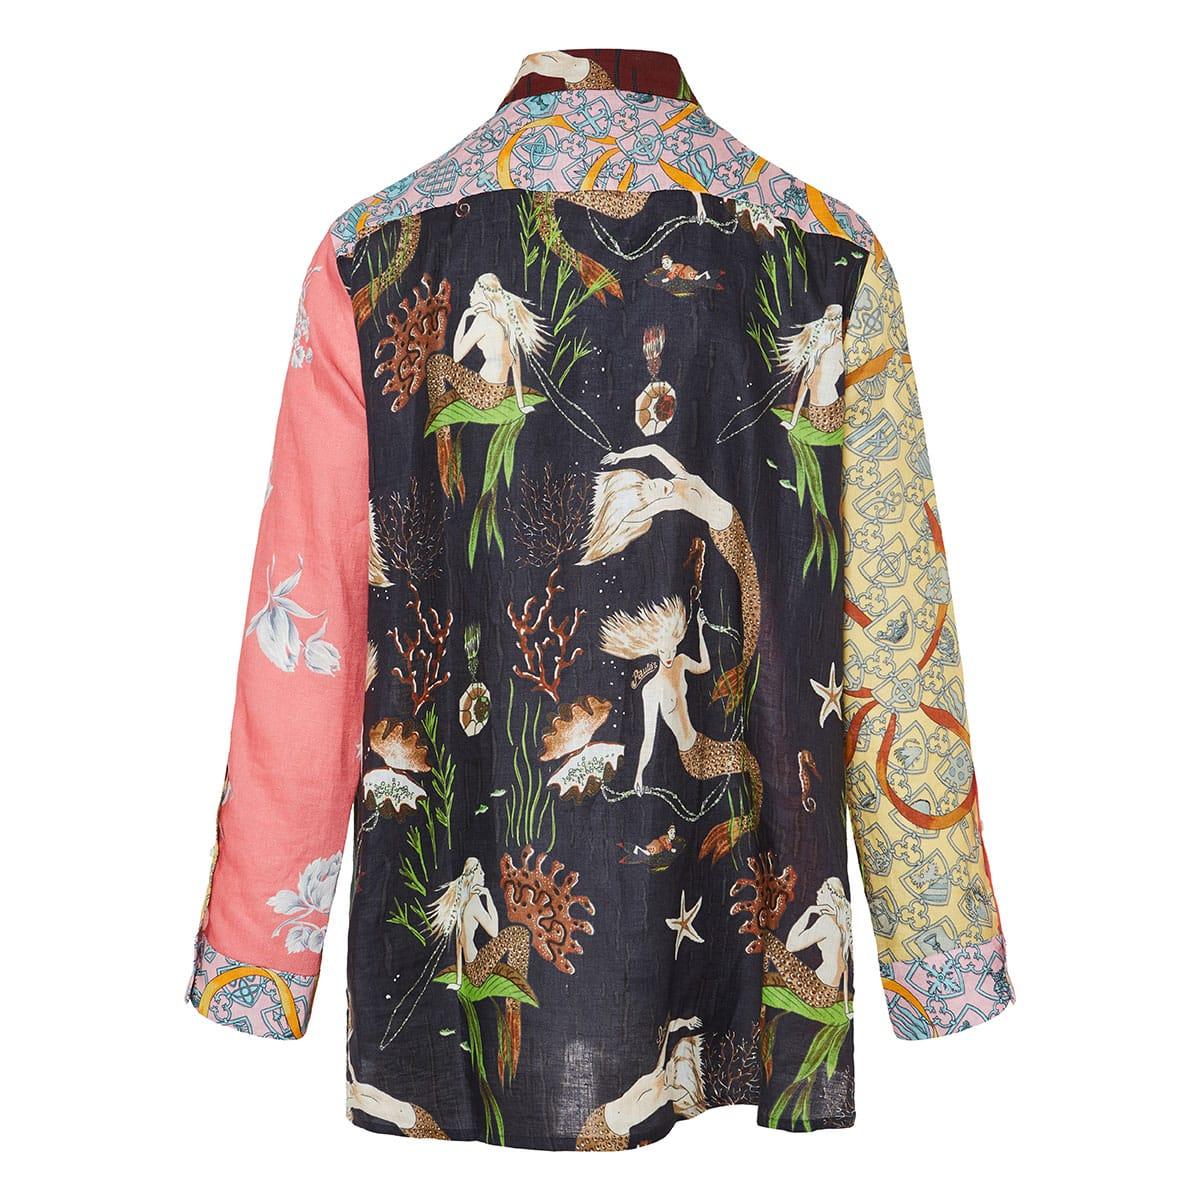 Patchwork printed linen shirt